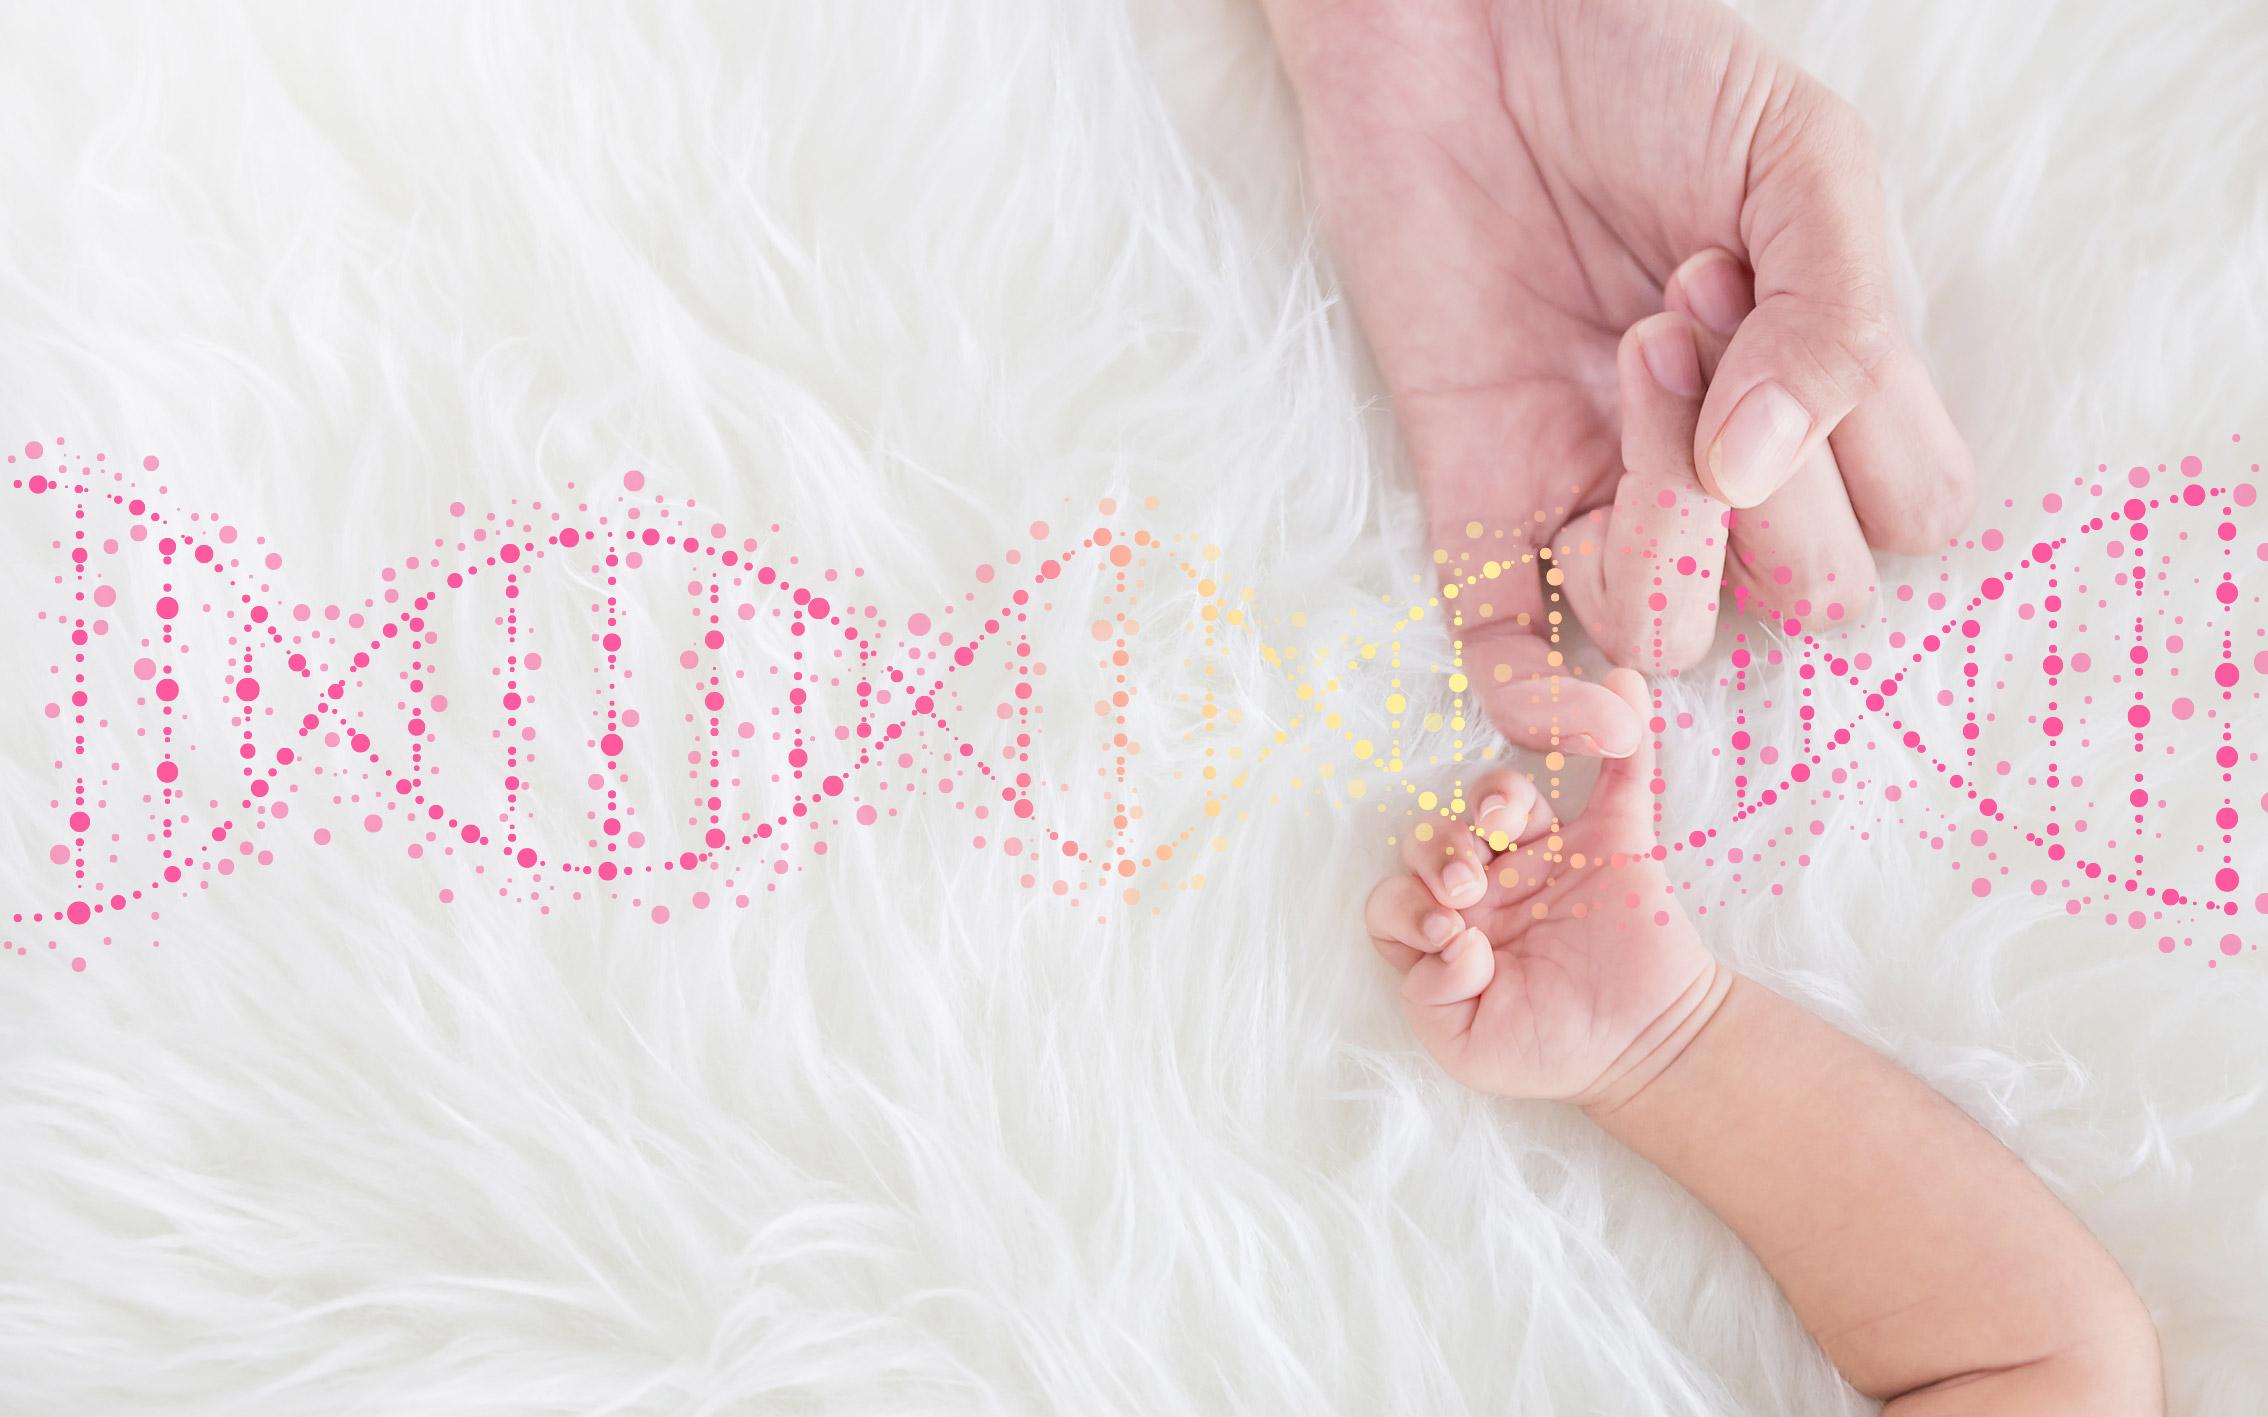 異常 12 番 染色体